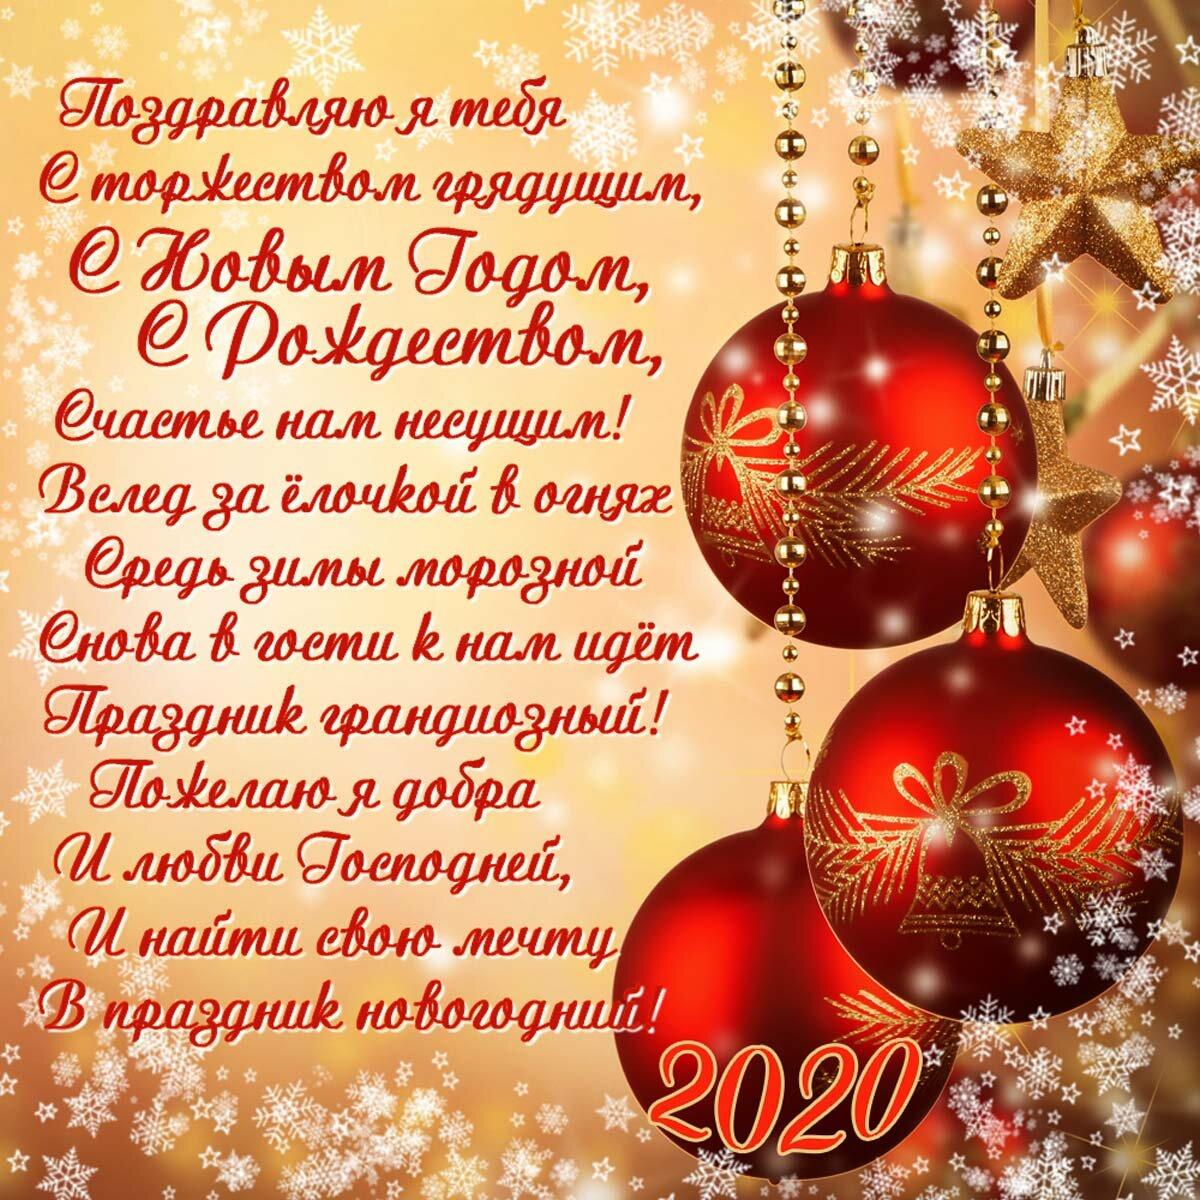 Новогодние поздравления политические